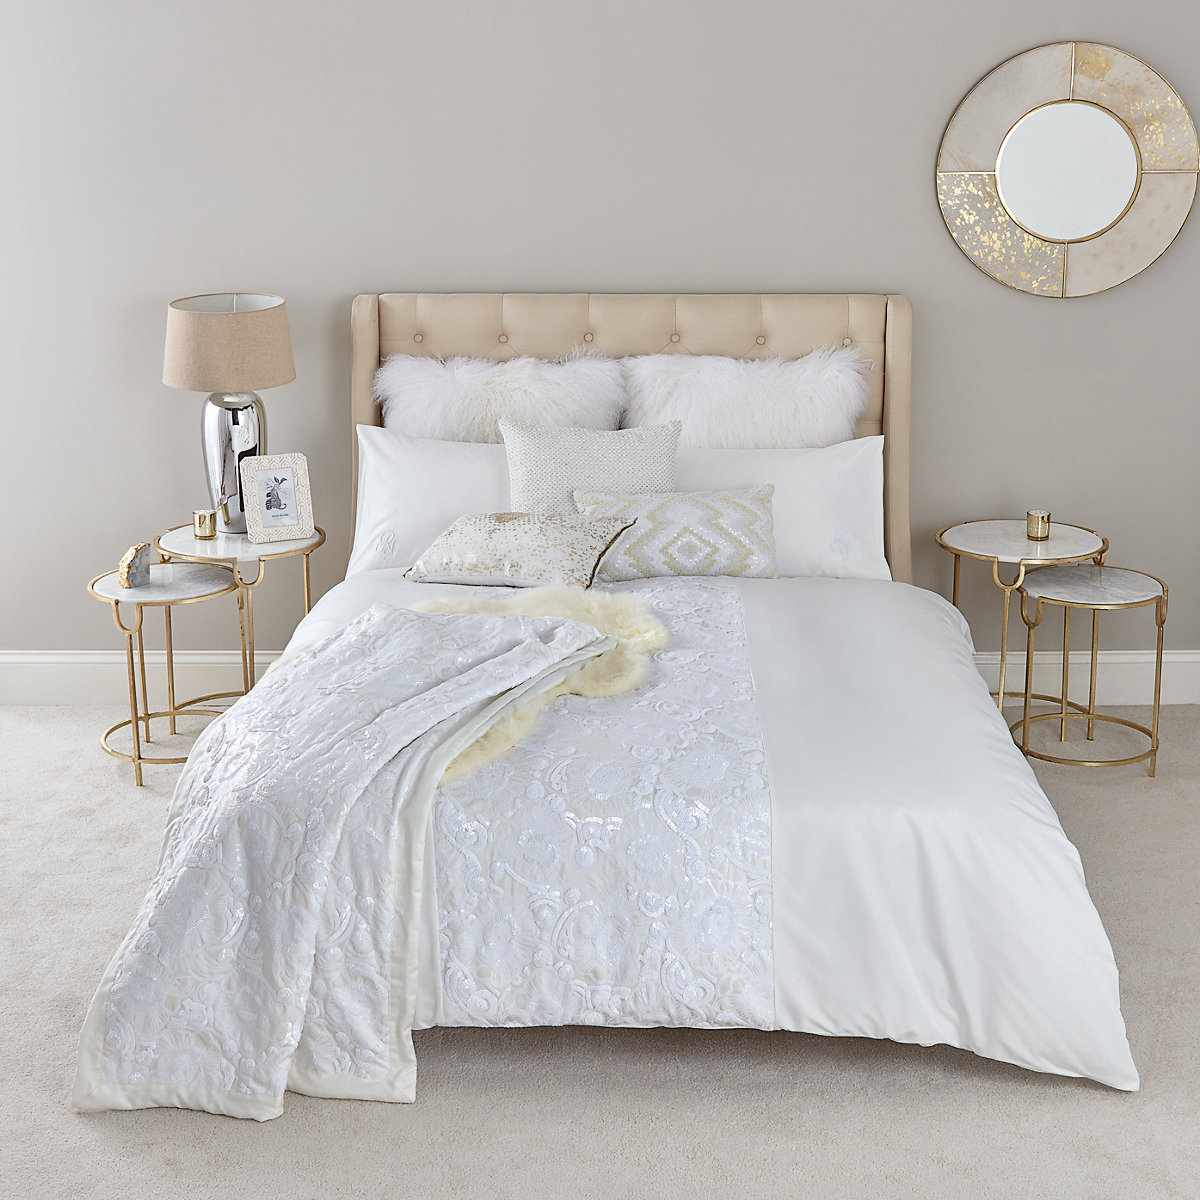 Cream white on white super king duvet bed